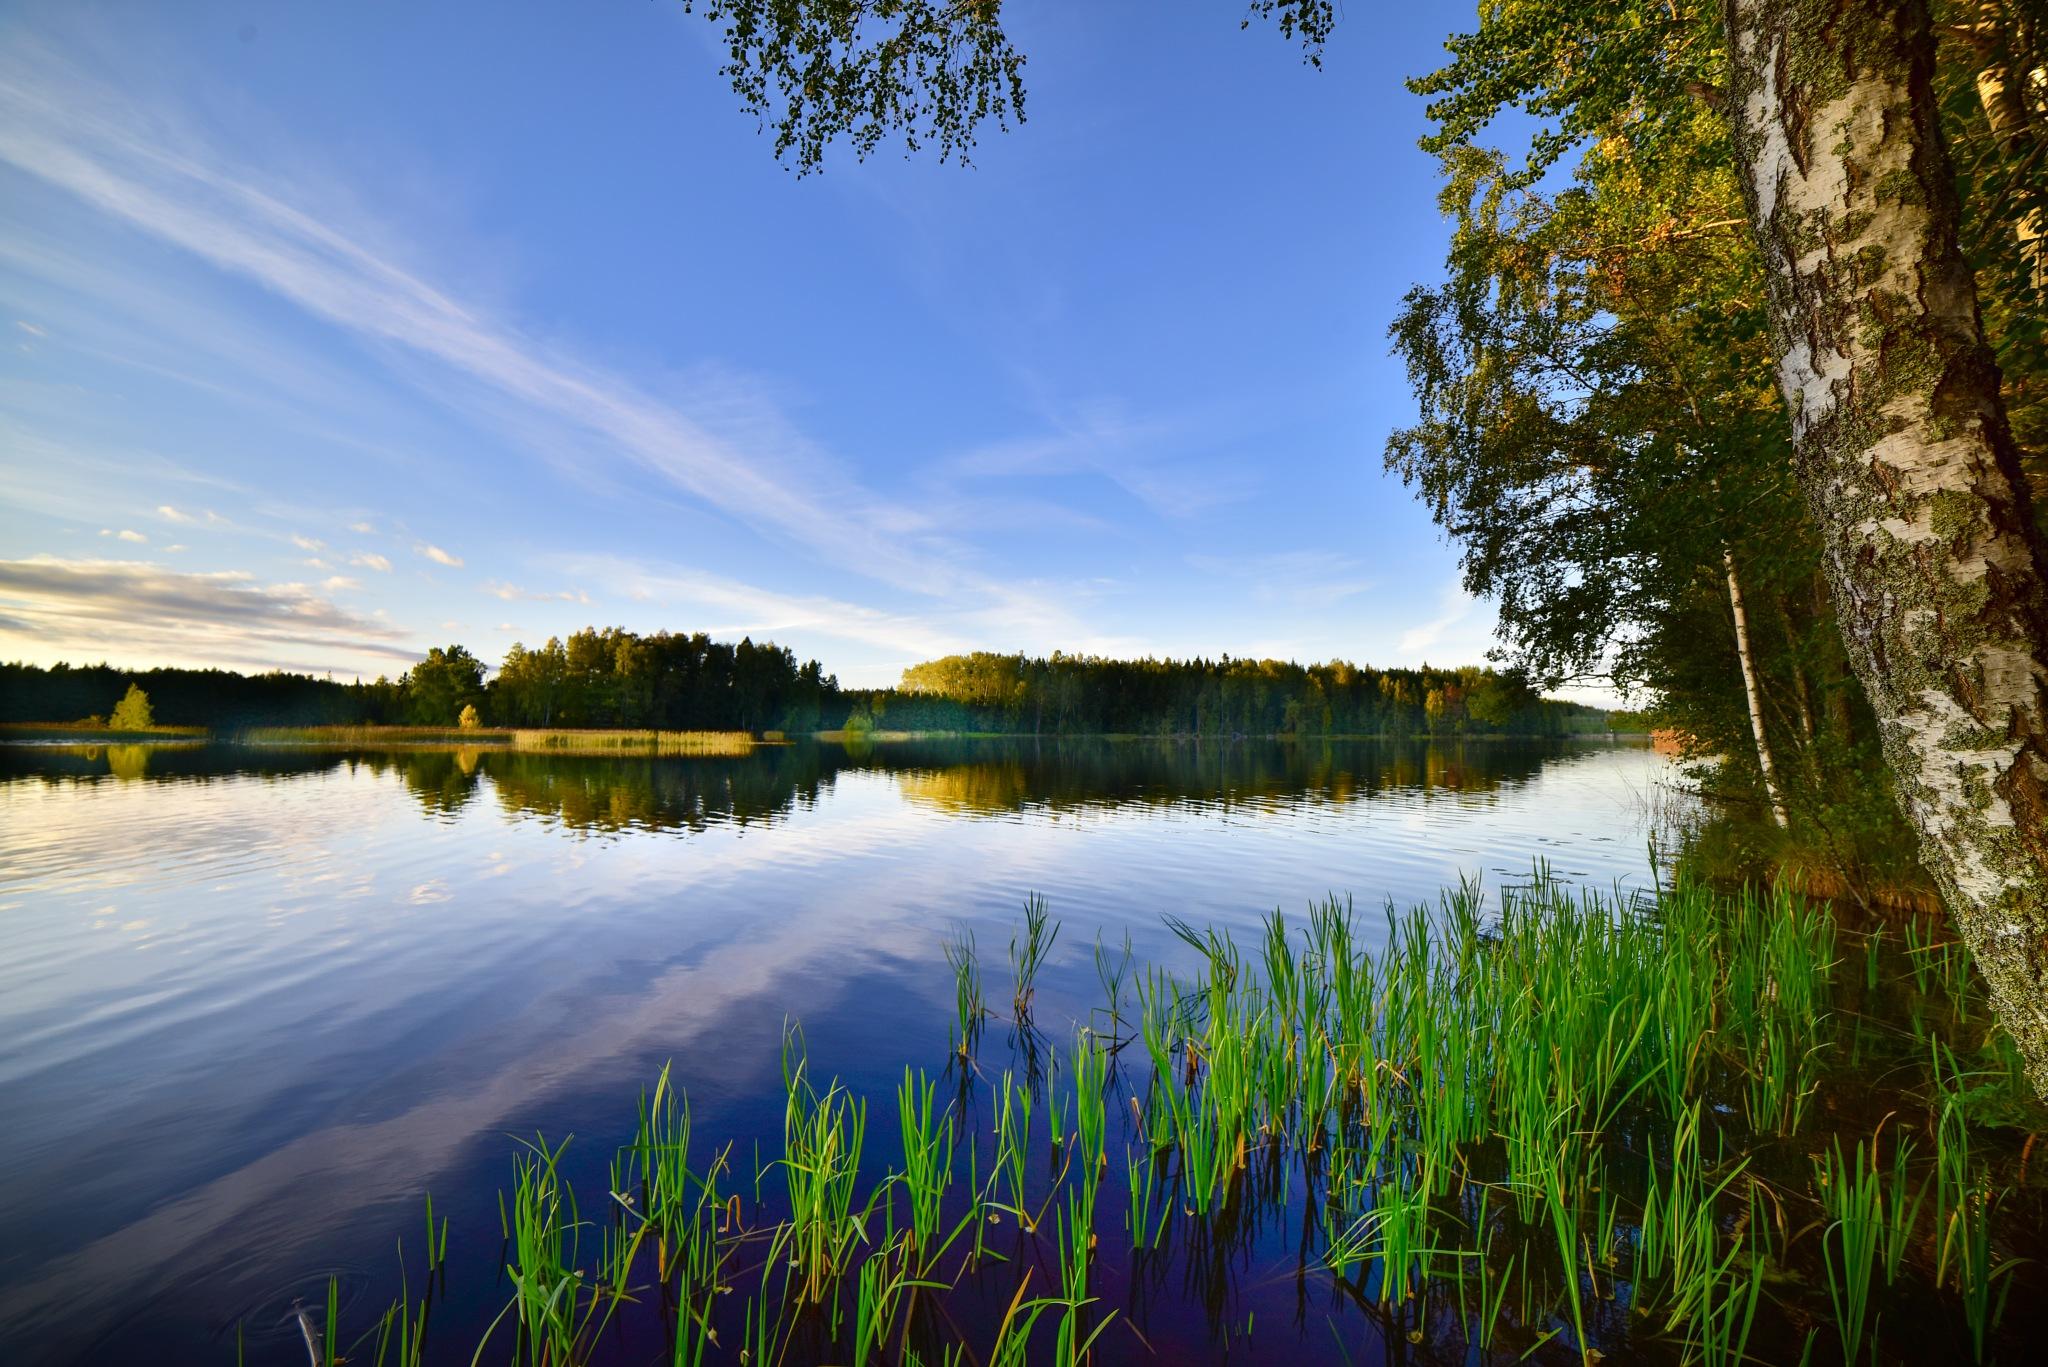 karleby stream by Niclaskrog